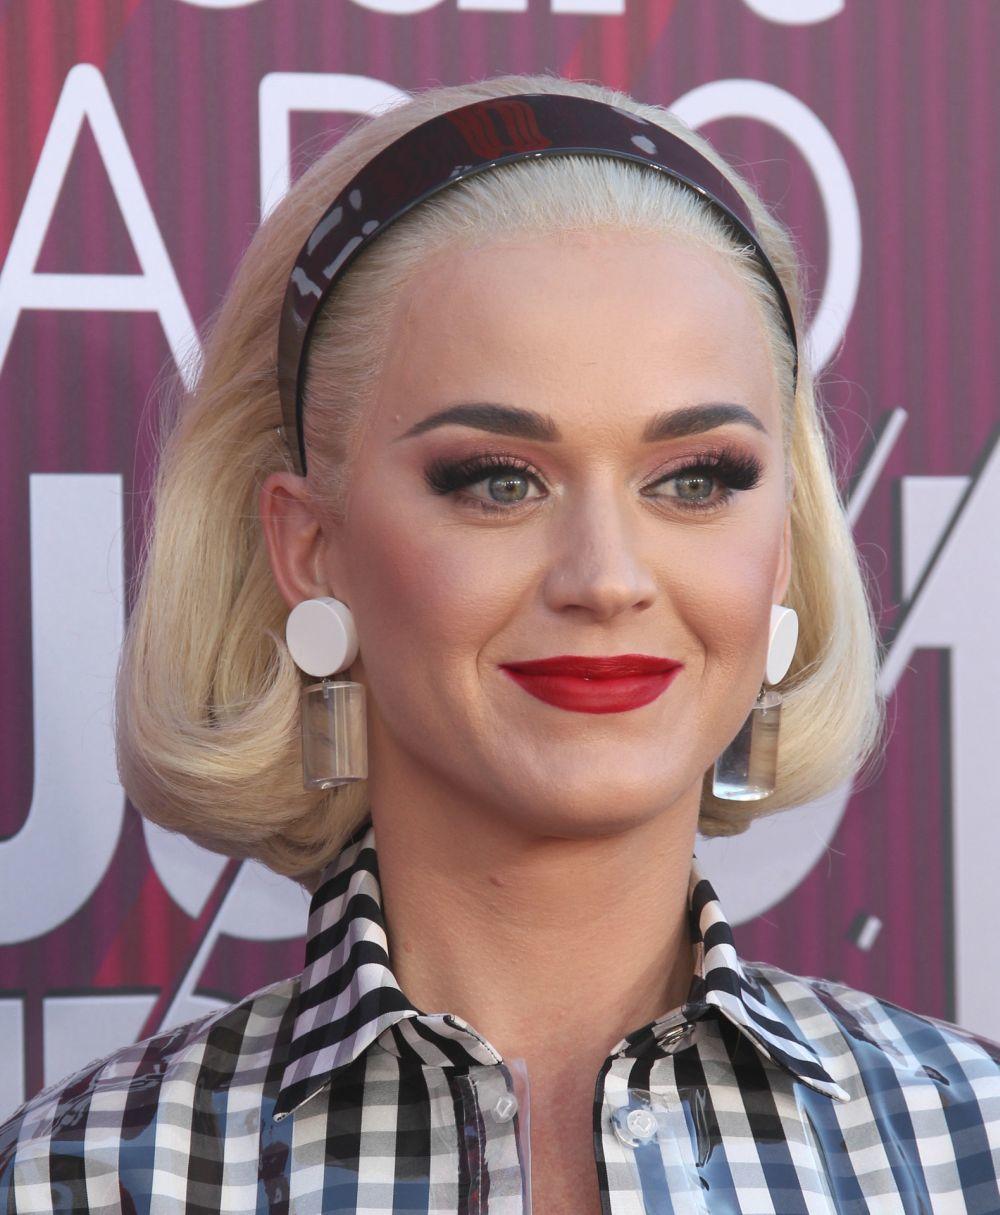 Katy Perry con diadema de charol con una melena muy años 60, rubia platino y maquillaje de labios rojos.